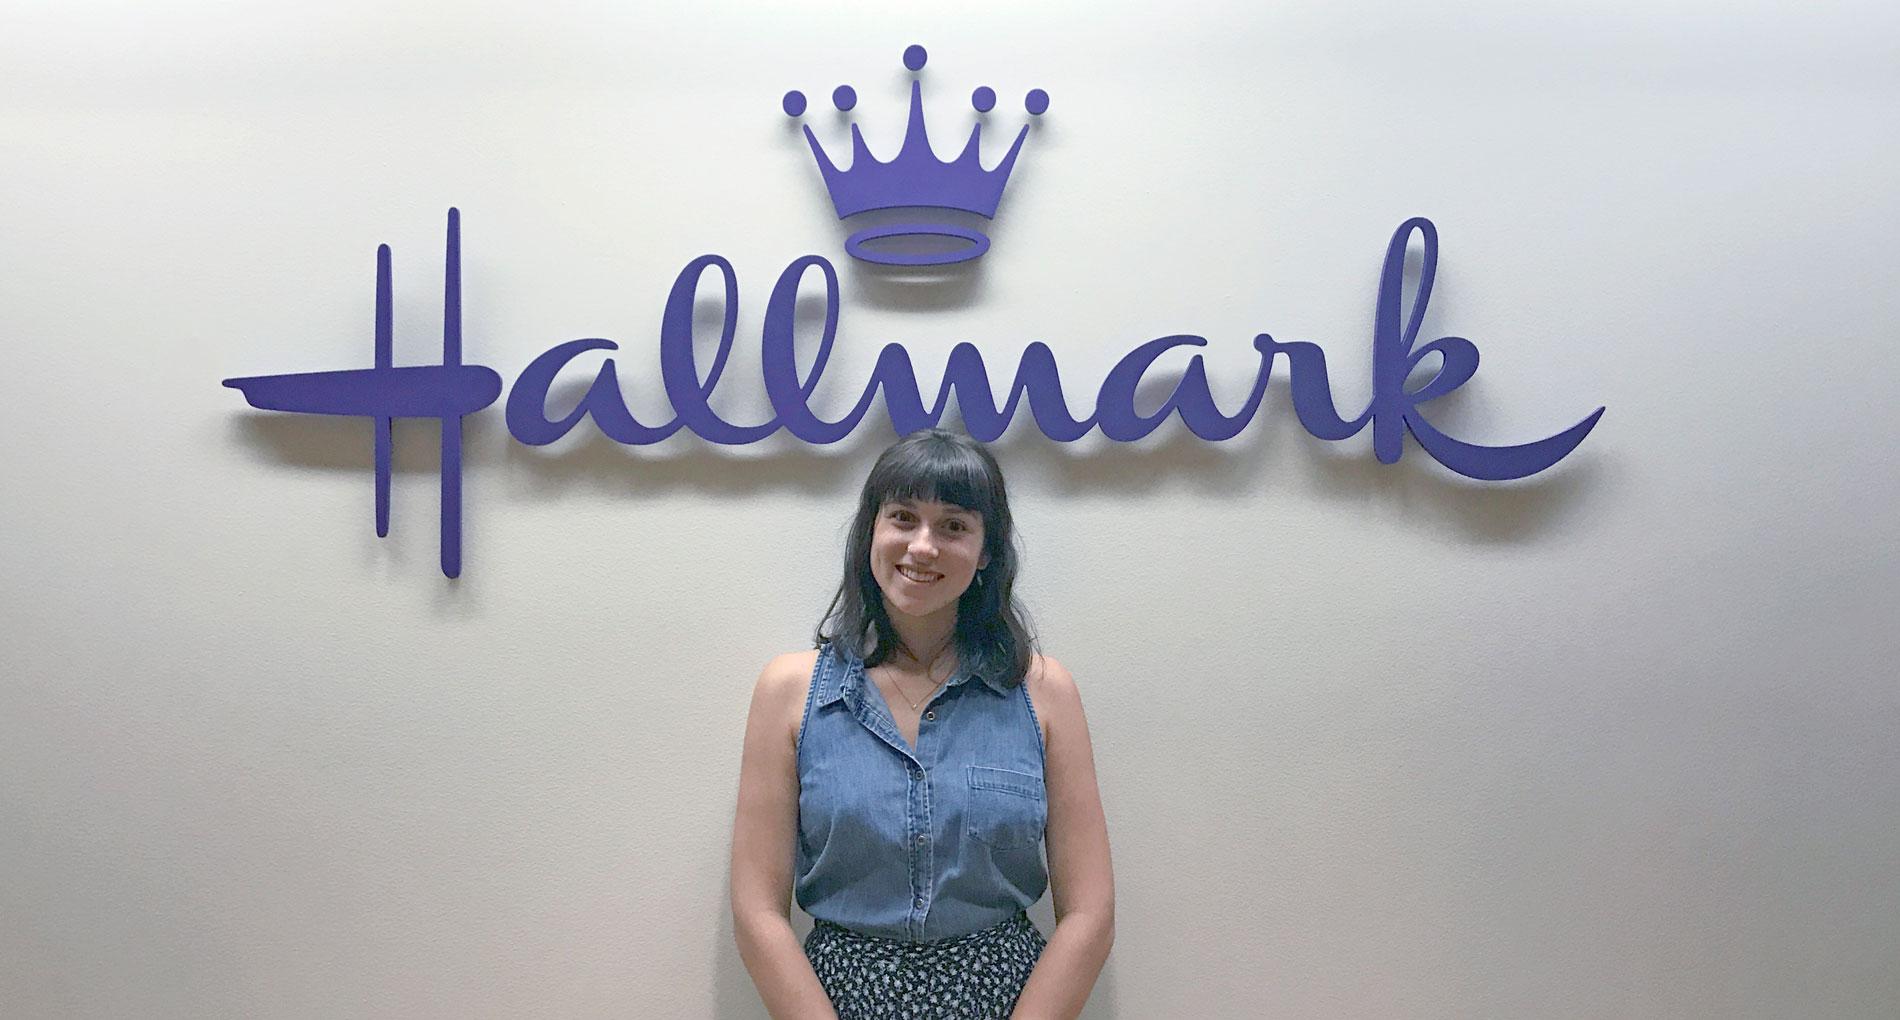 Graphic Design Student Gains Experience with Hallmark Internship